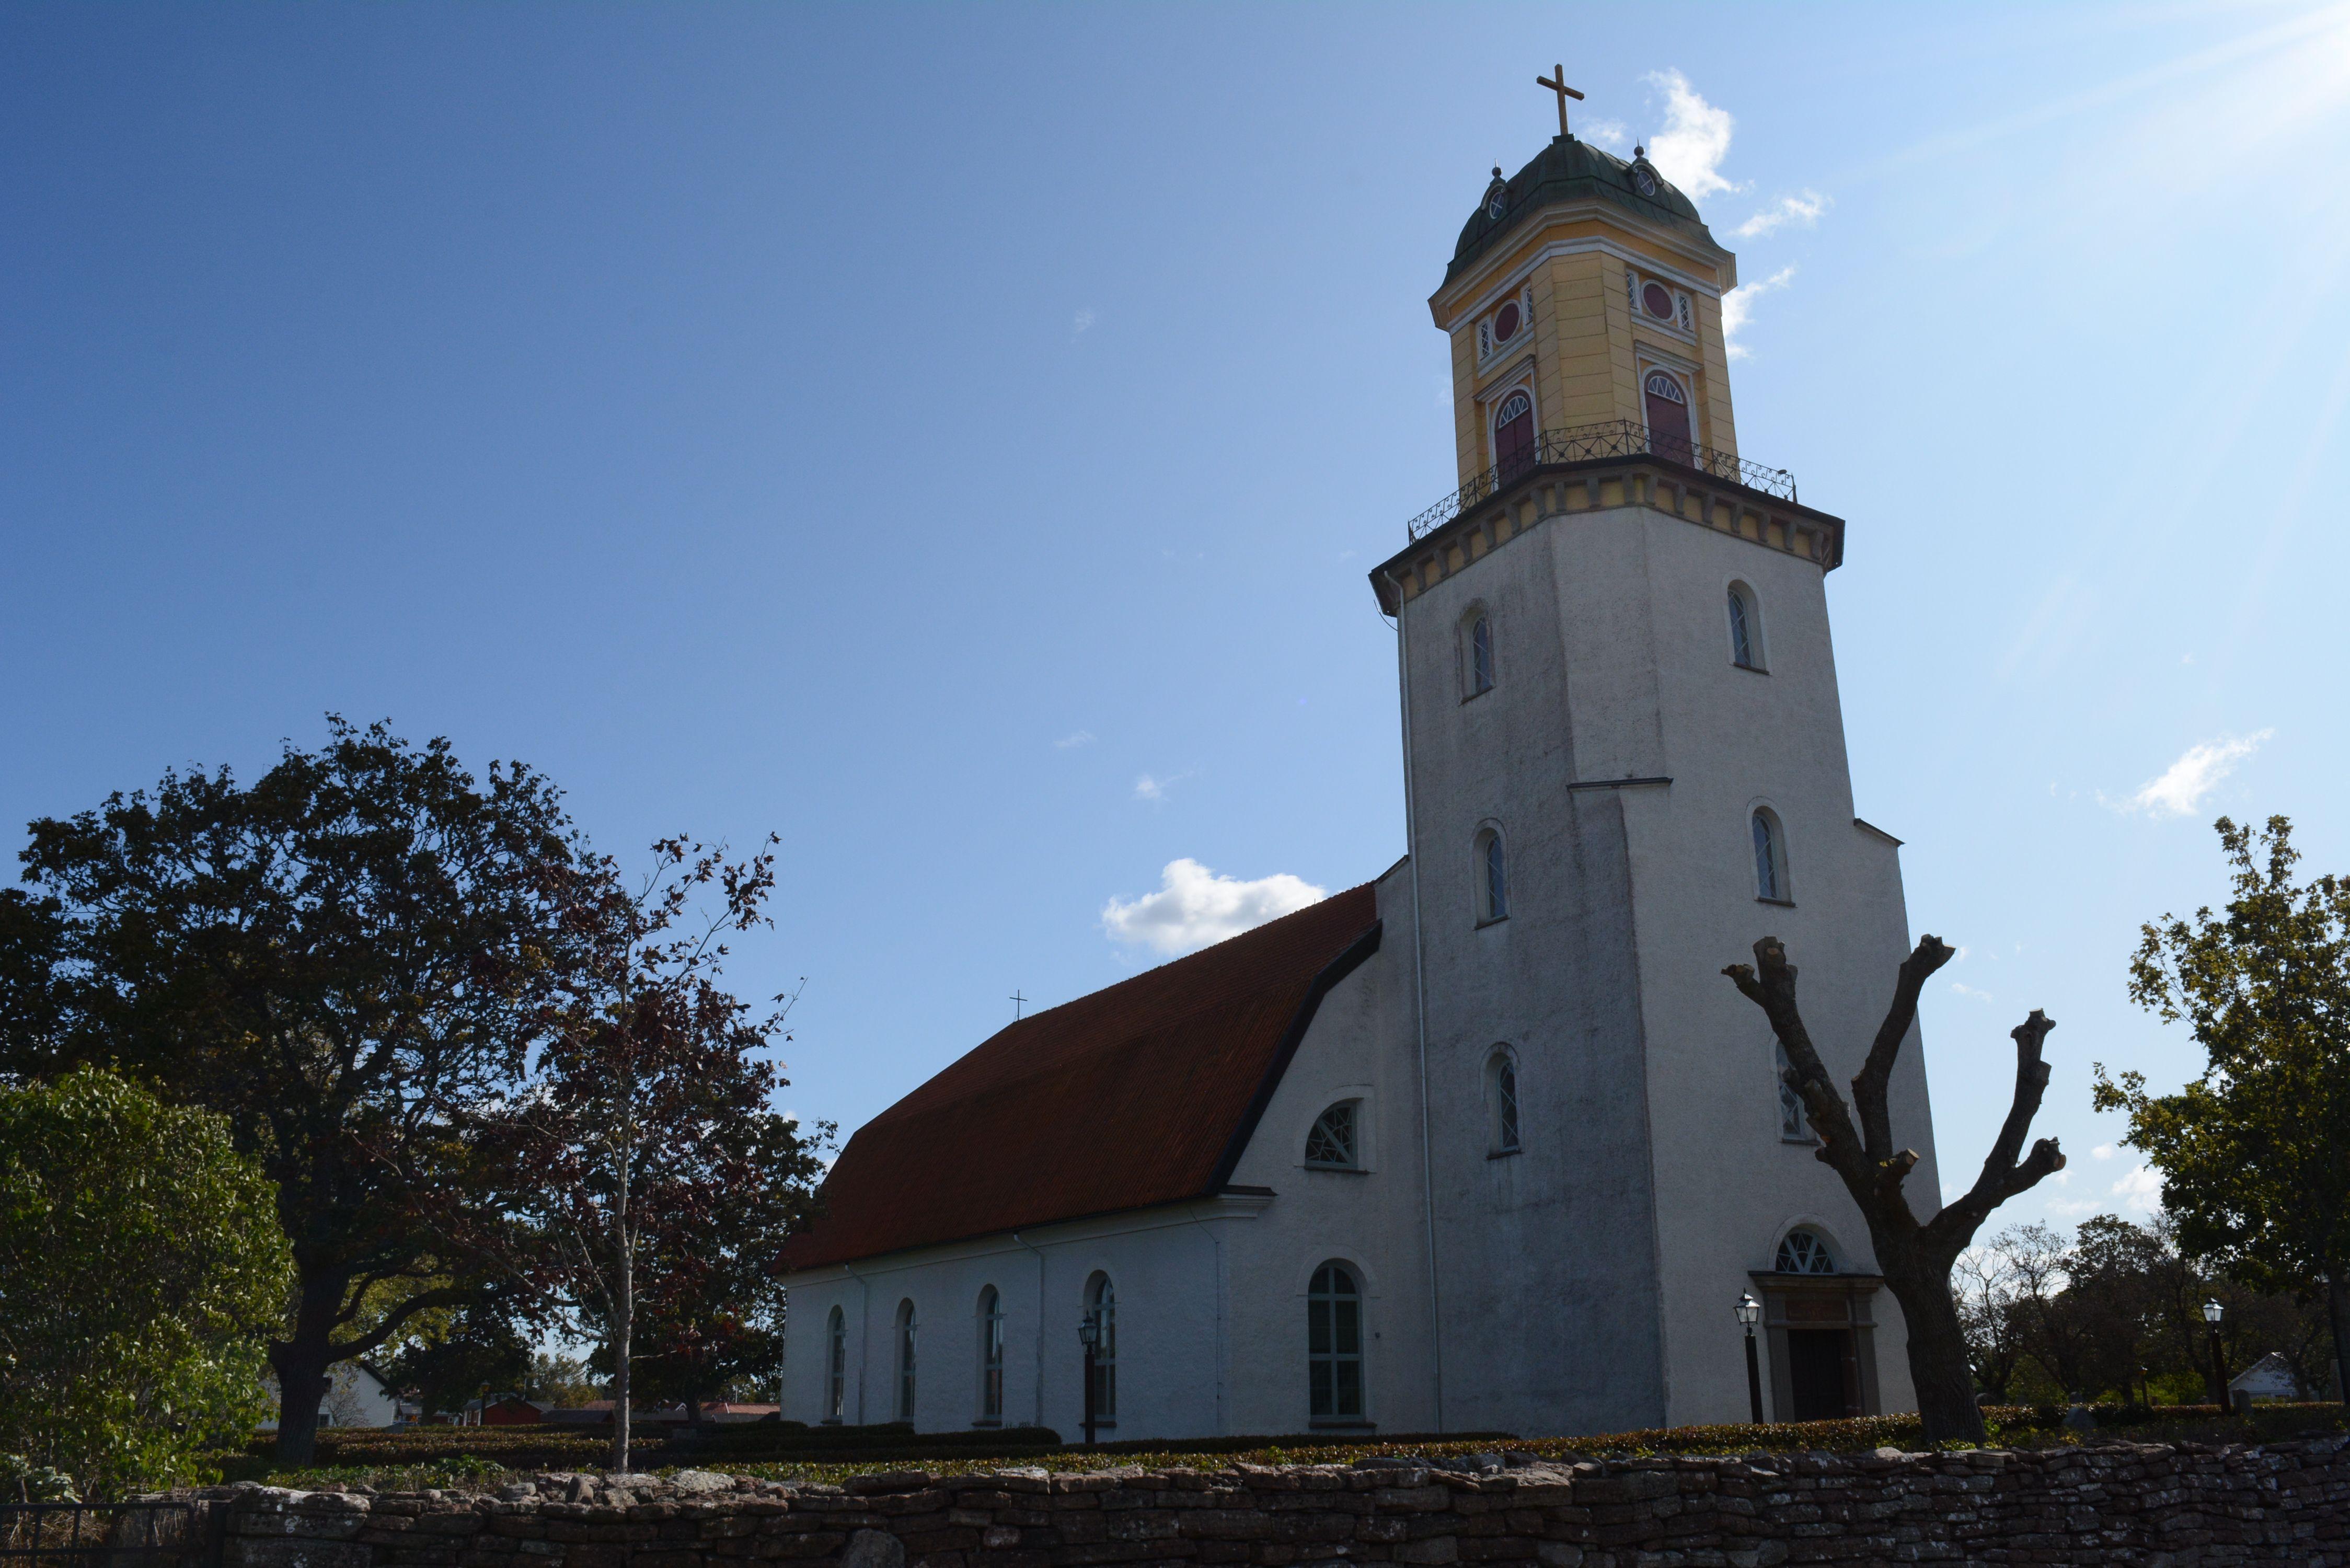 Algutsrums Kyrkogrd in Algutsrum, Kalmar ln - Find A Grave